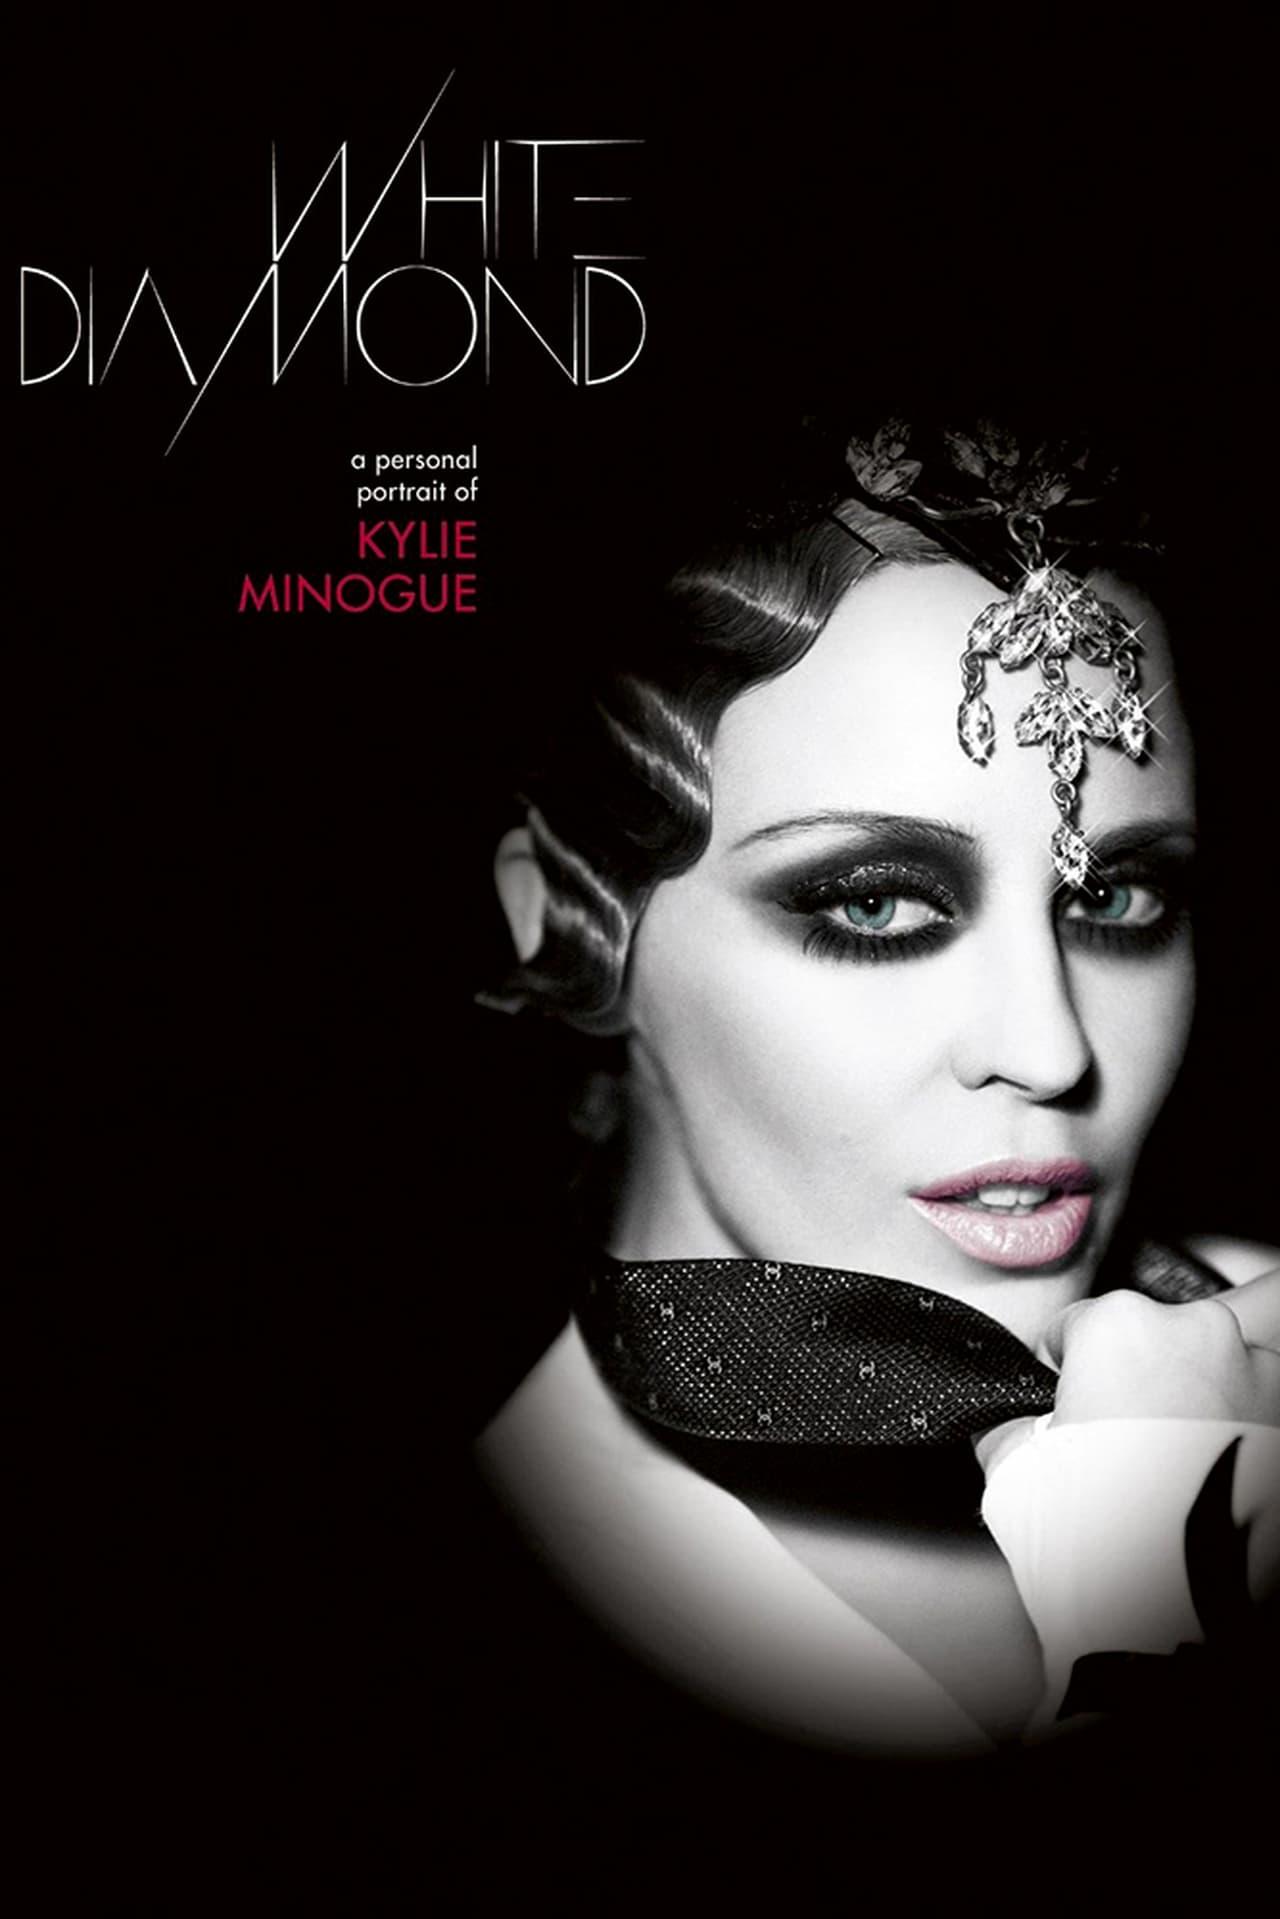 Kylie Minogue: White Diamond (2007)